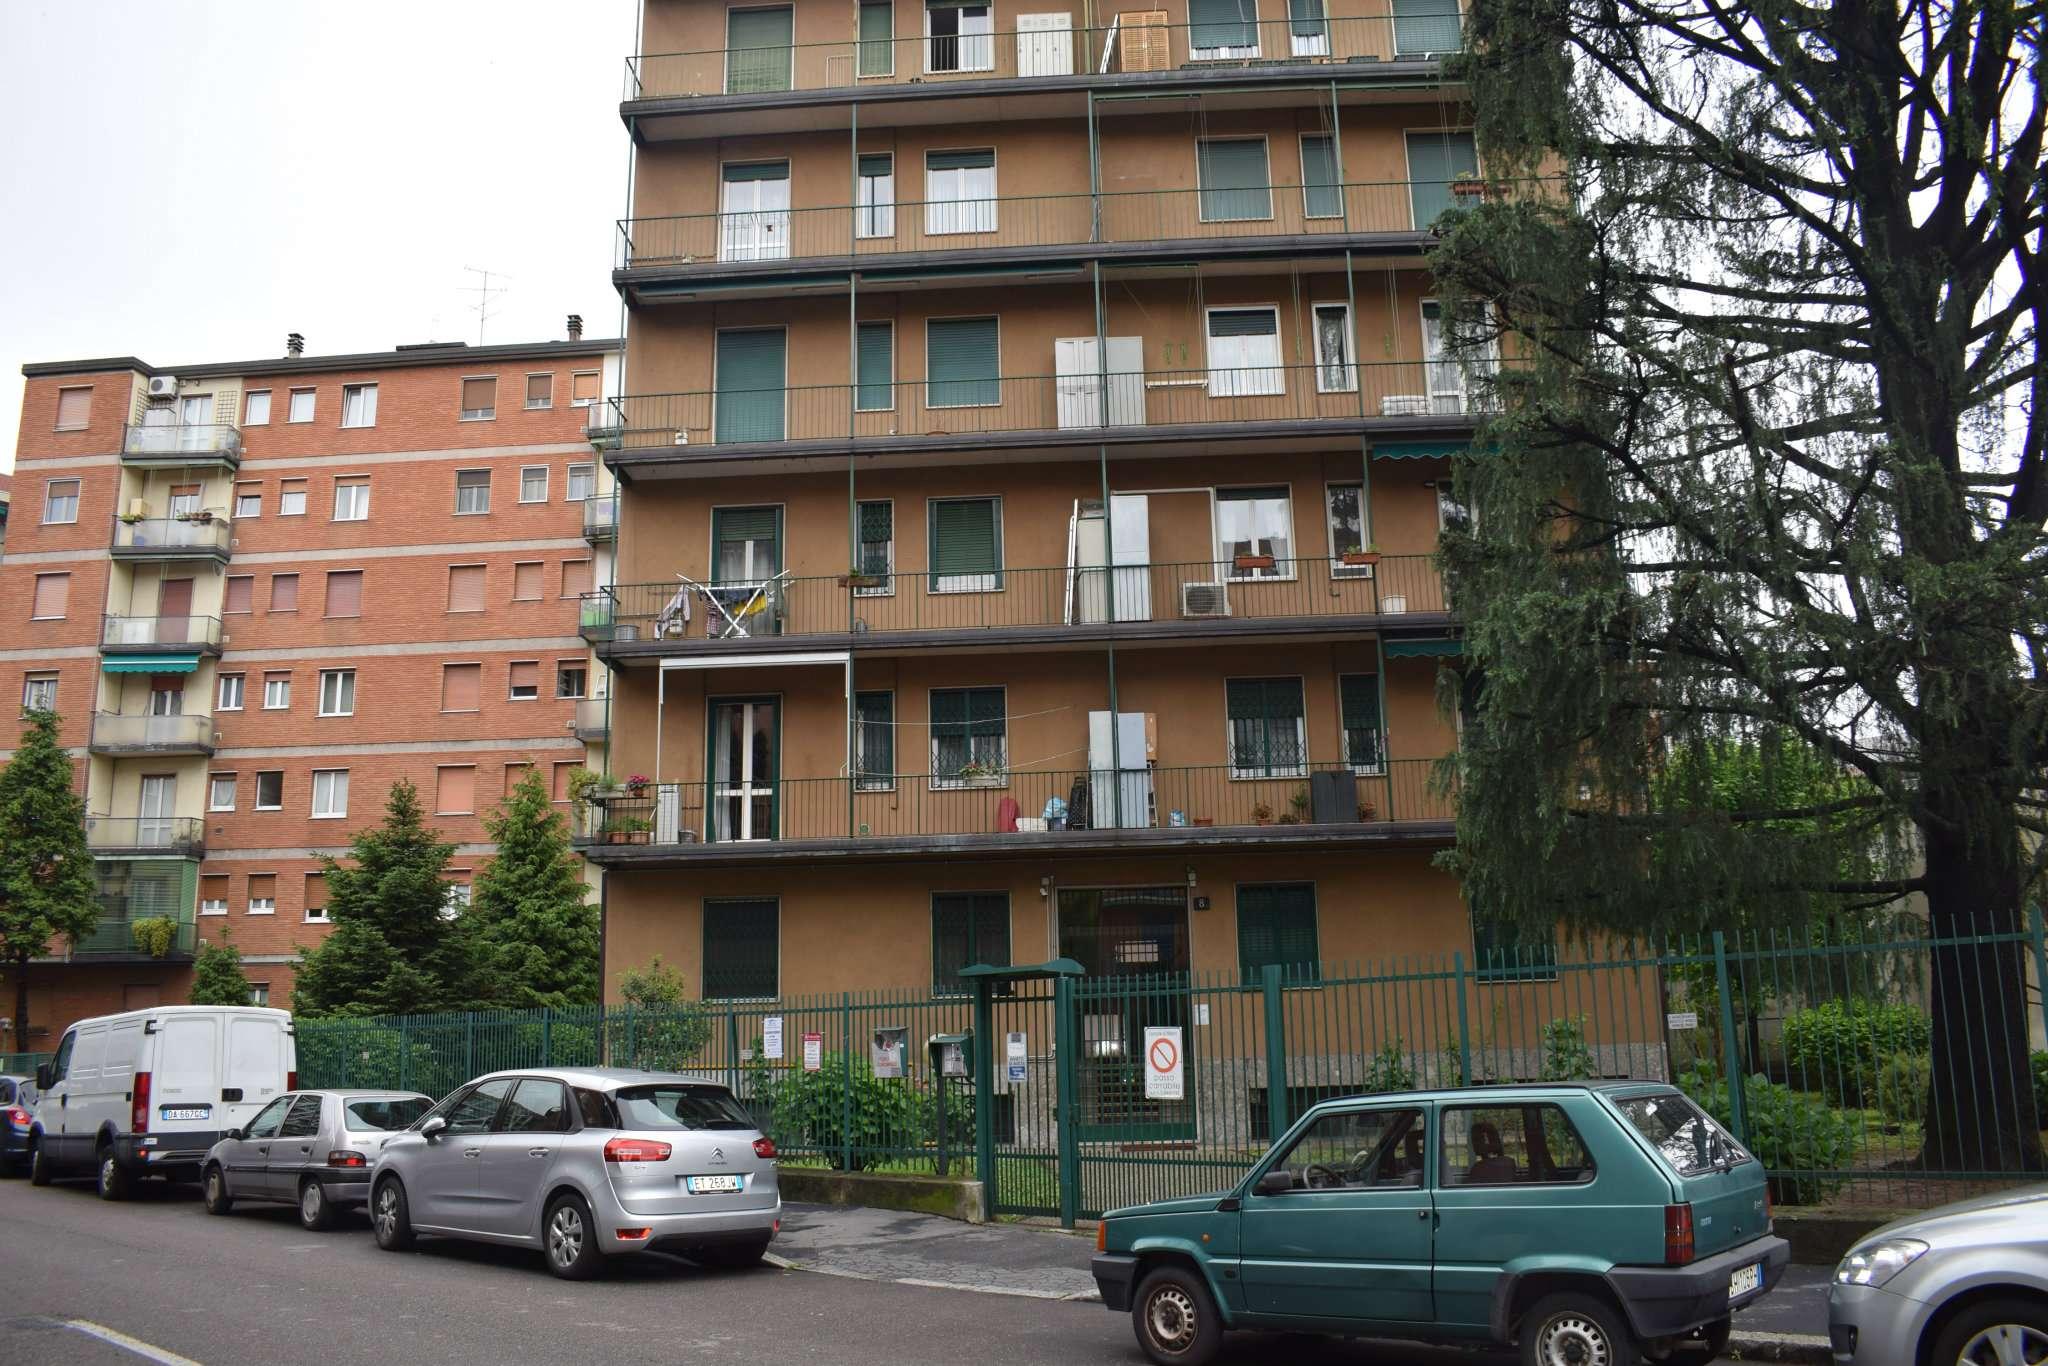 Laboratorio in vendita a Milano, 1 locali, zona Zona: 3 . Bicocca, Greco, Monza, Palmanova, Padova, prezzo € 85.000 | CambioCasa.it